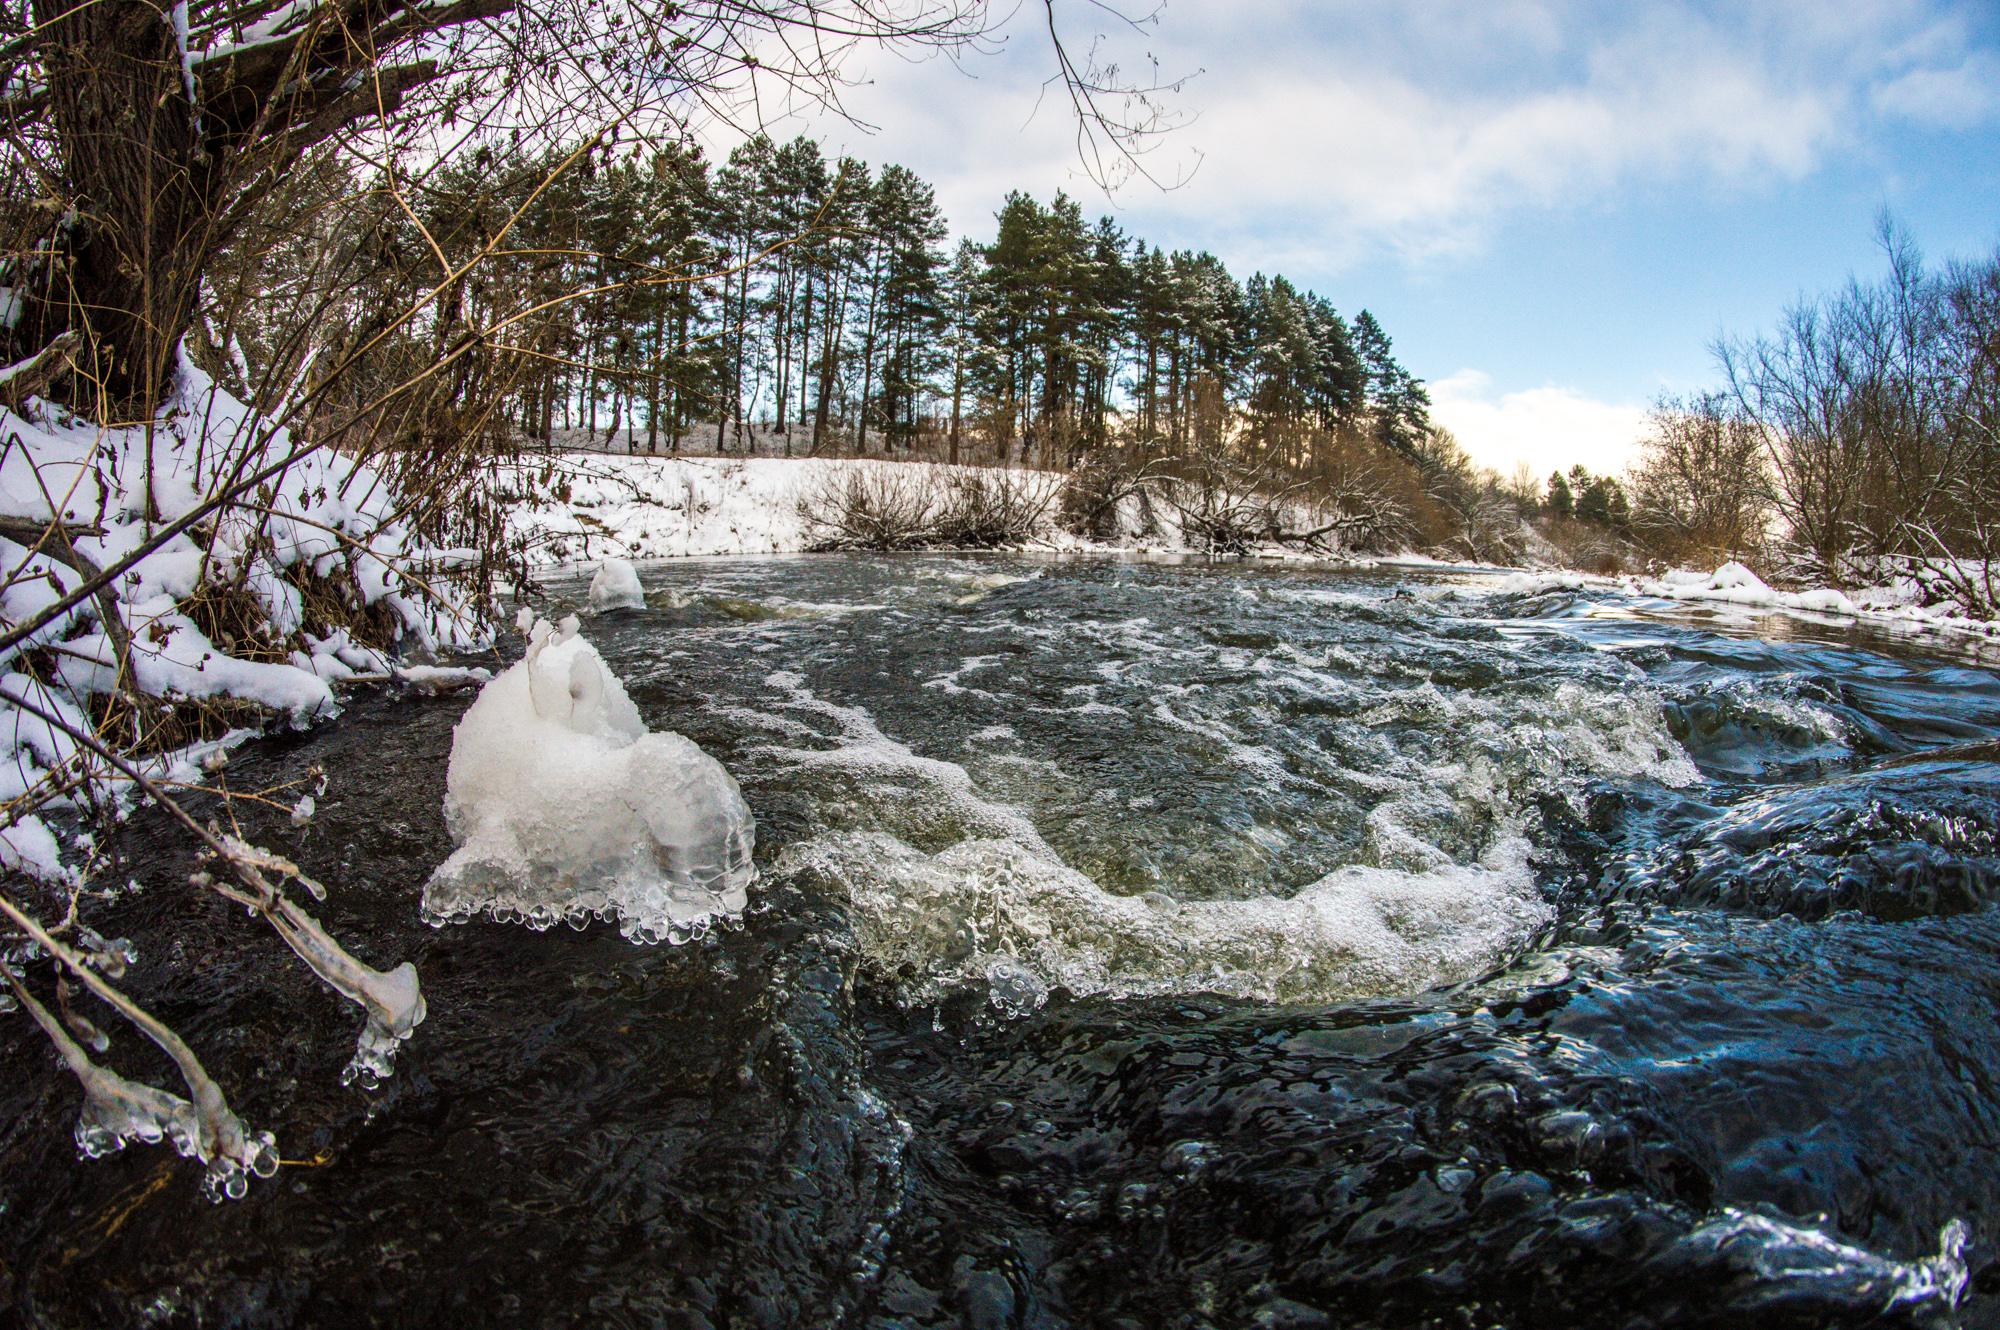 Шум - Бурхлива вода Тетерва